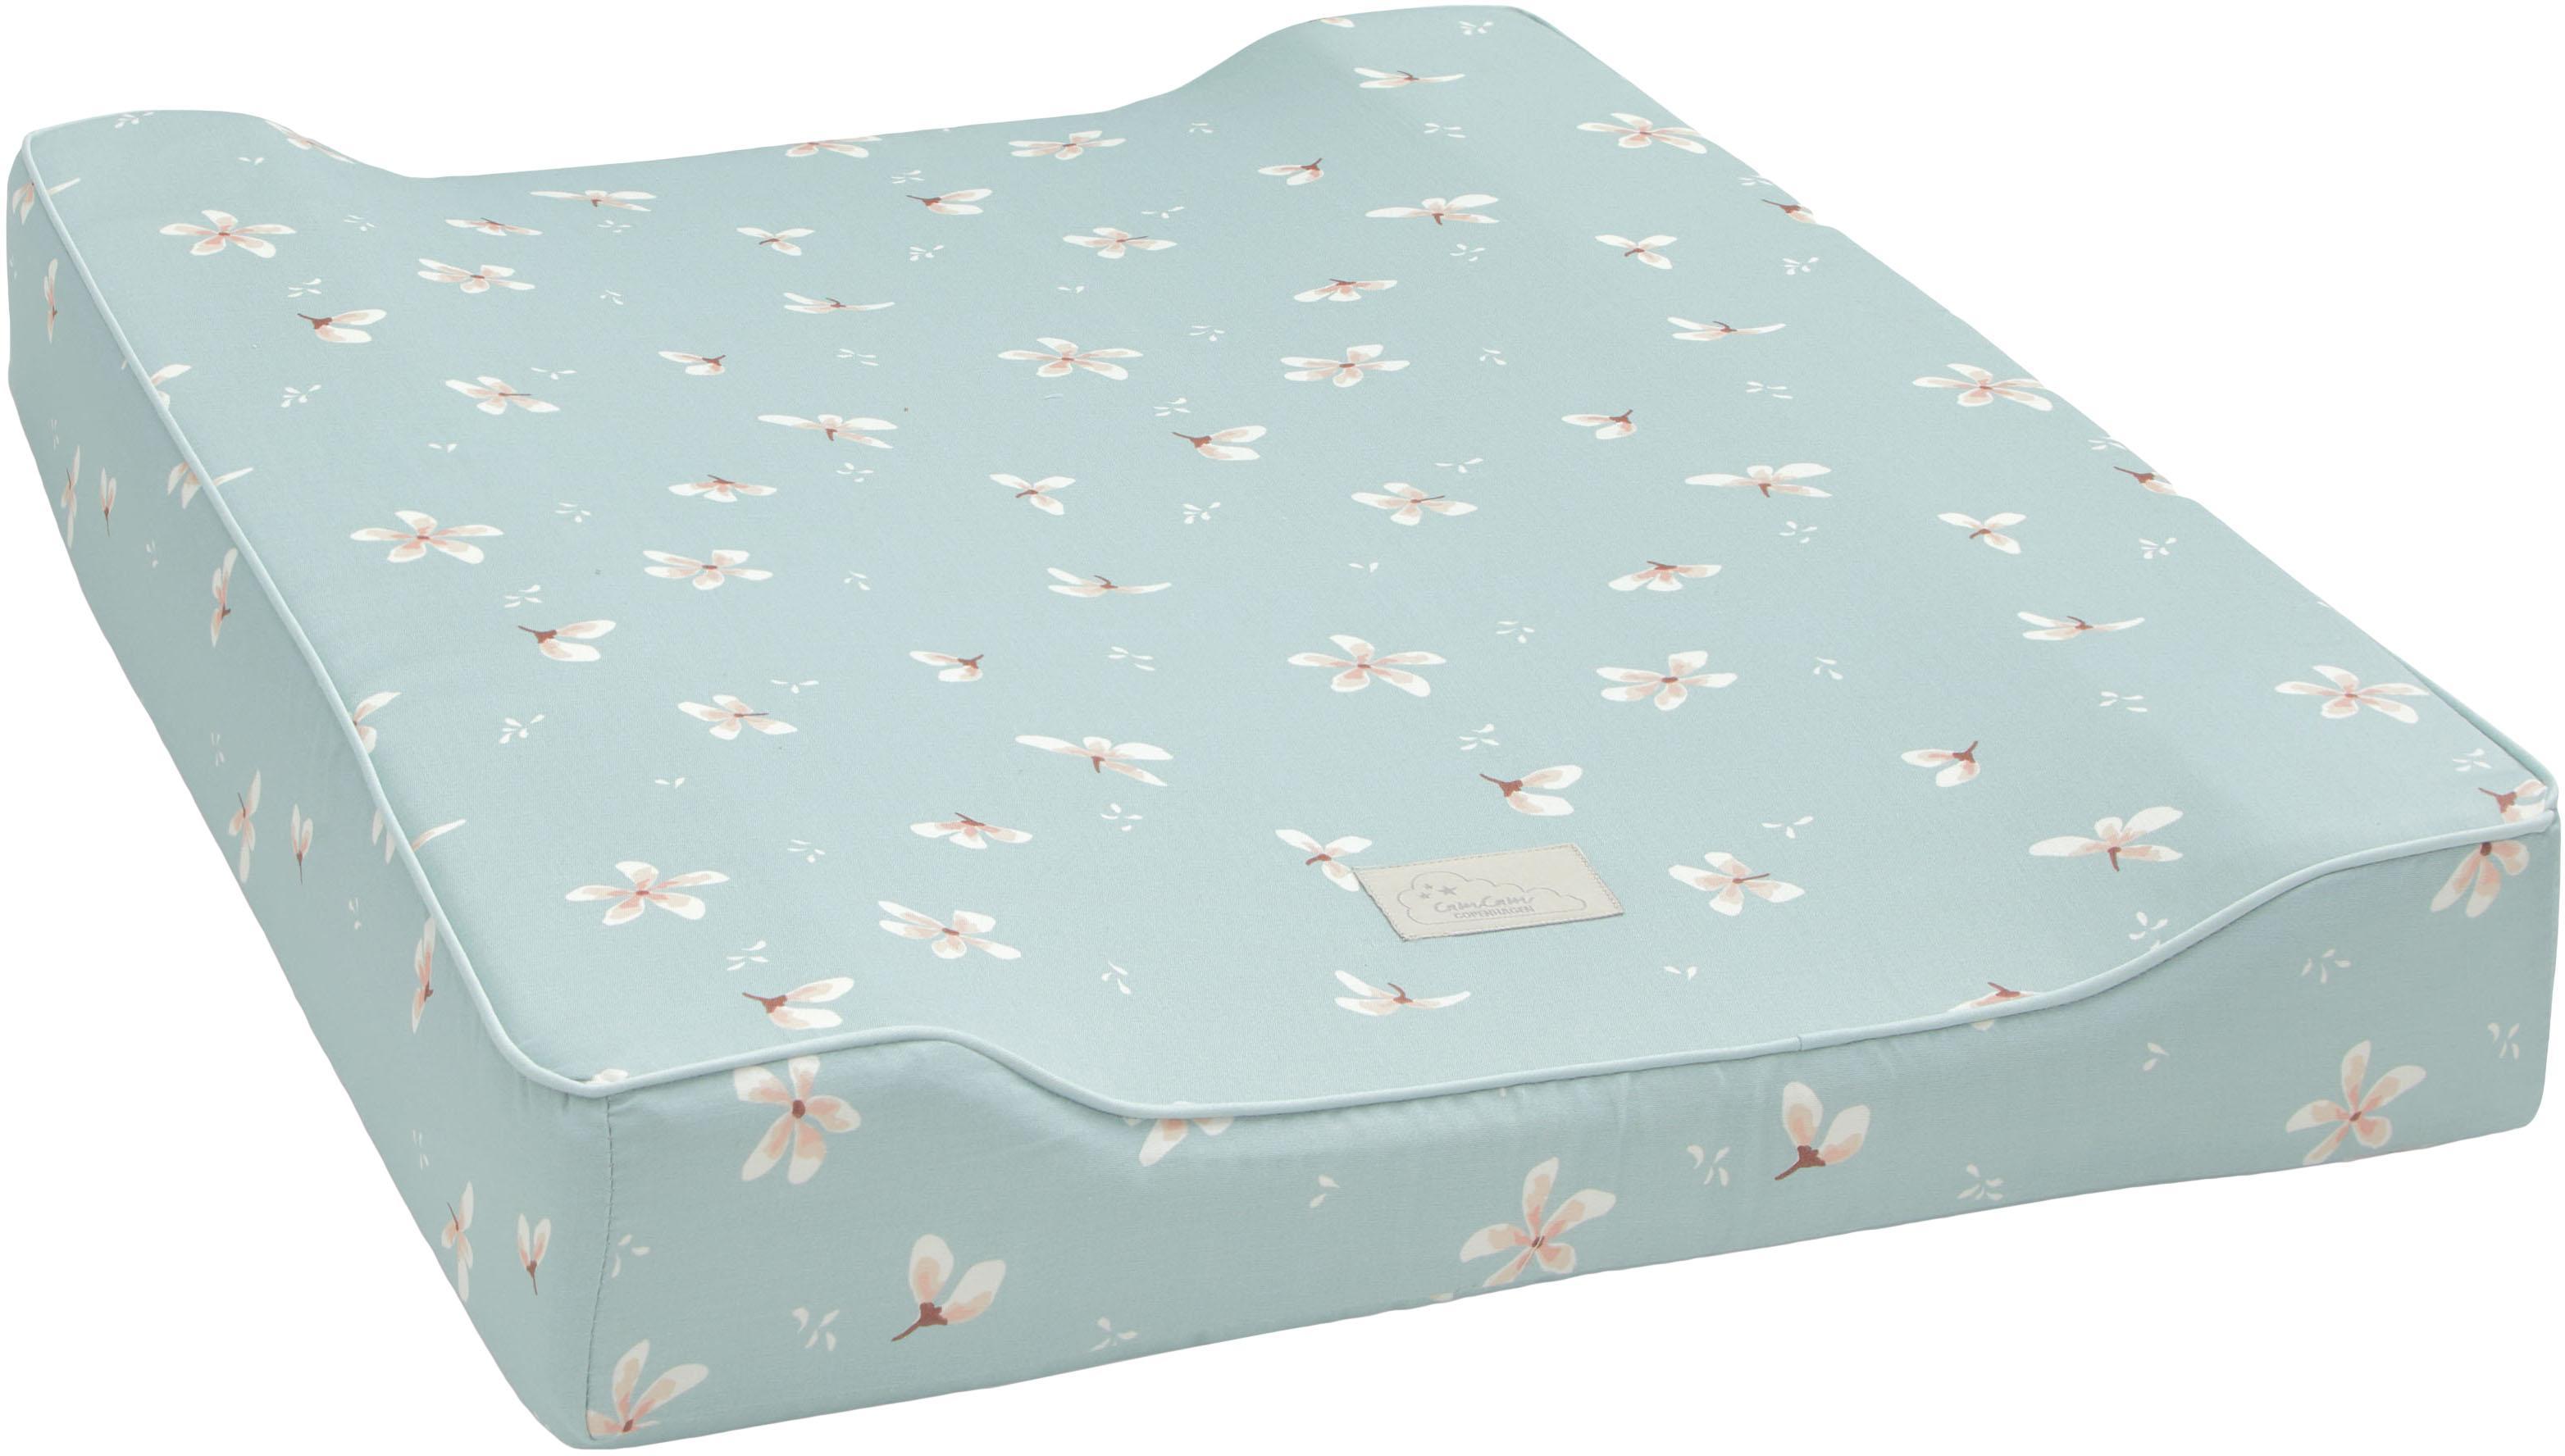 Colchón cambiador de algodón ecológico Wildflower, Funda: 100%algodón ecológico, c, Azul claro, crema, rosa, An 50 x L 65 cm